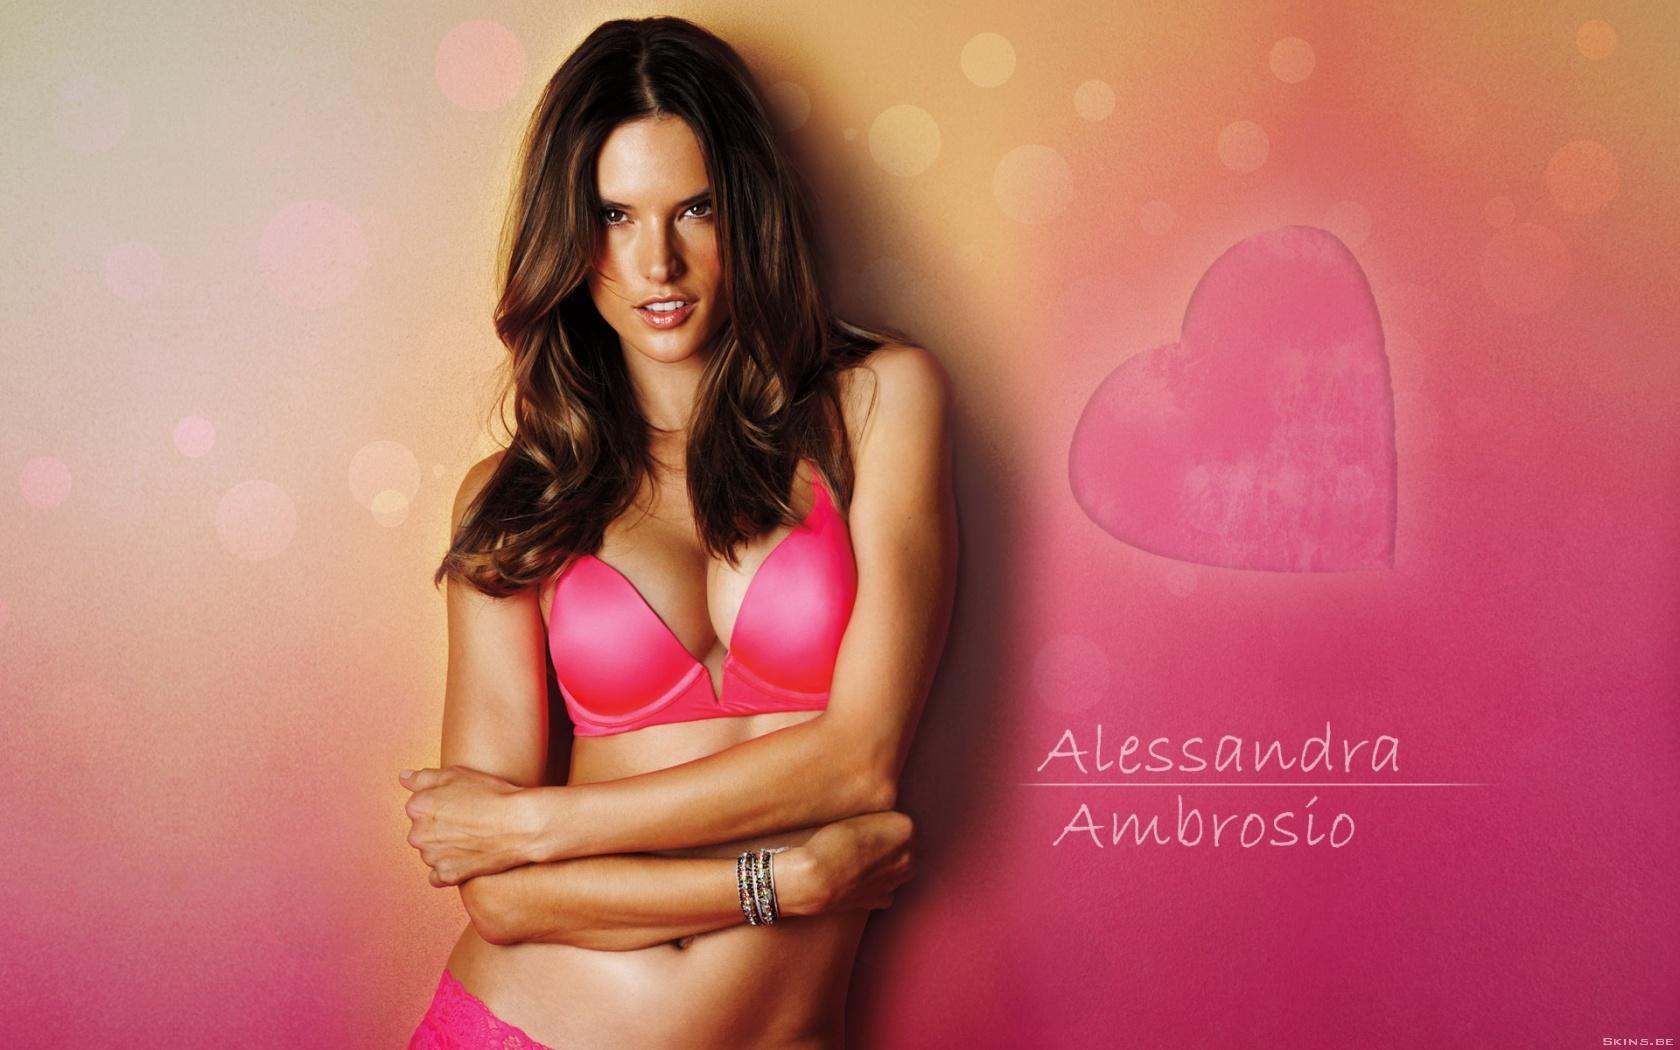 Alessandra Ambrosio wallpaper (#40975)